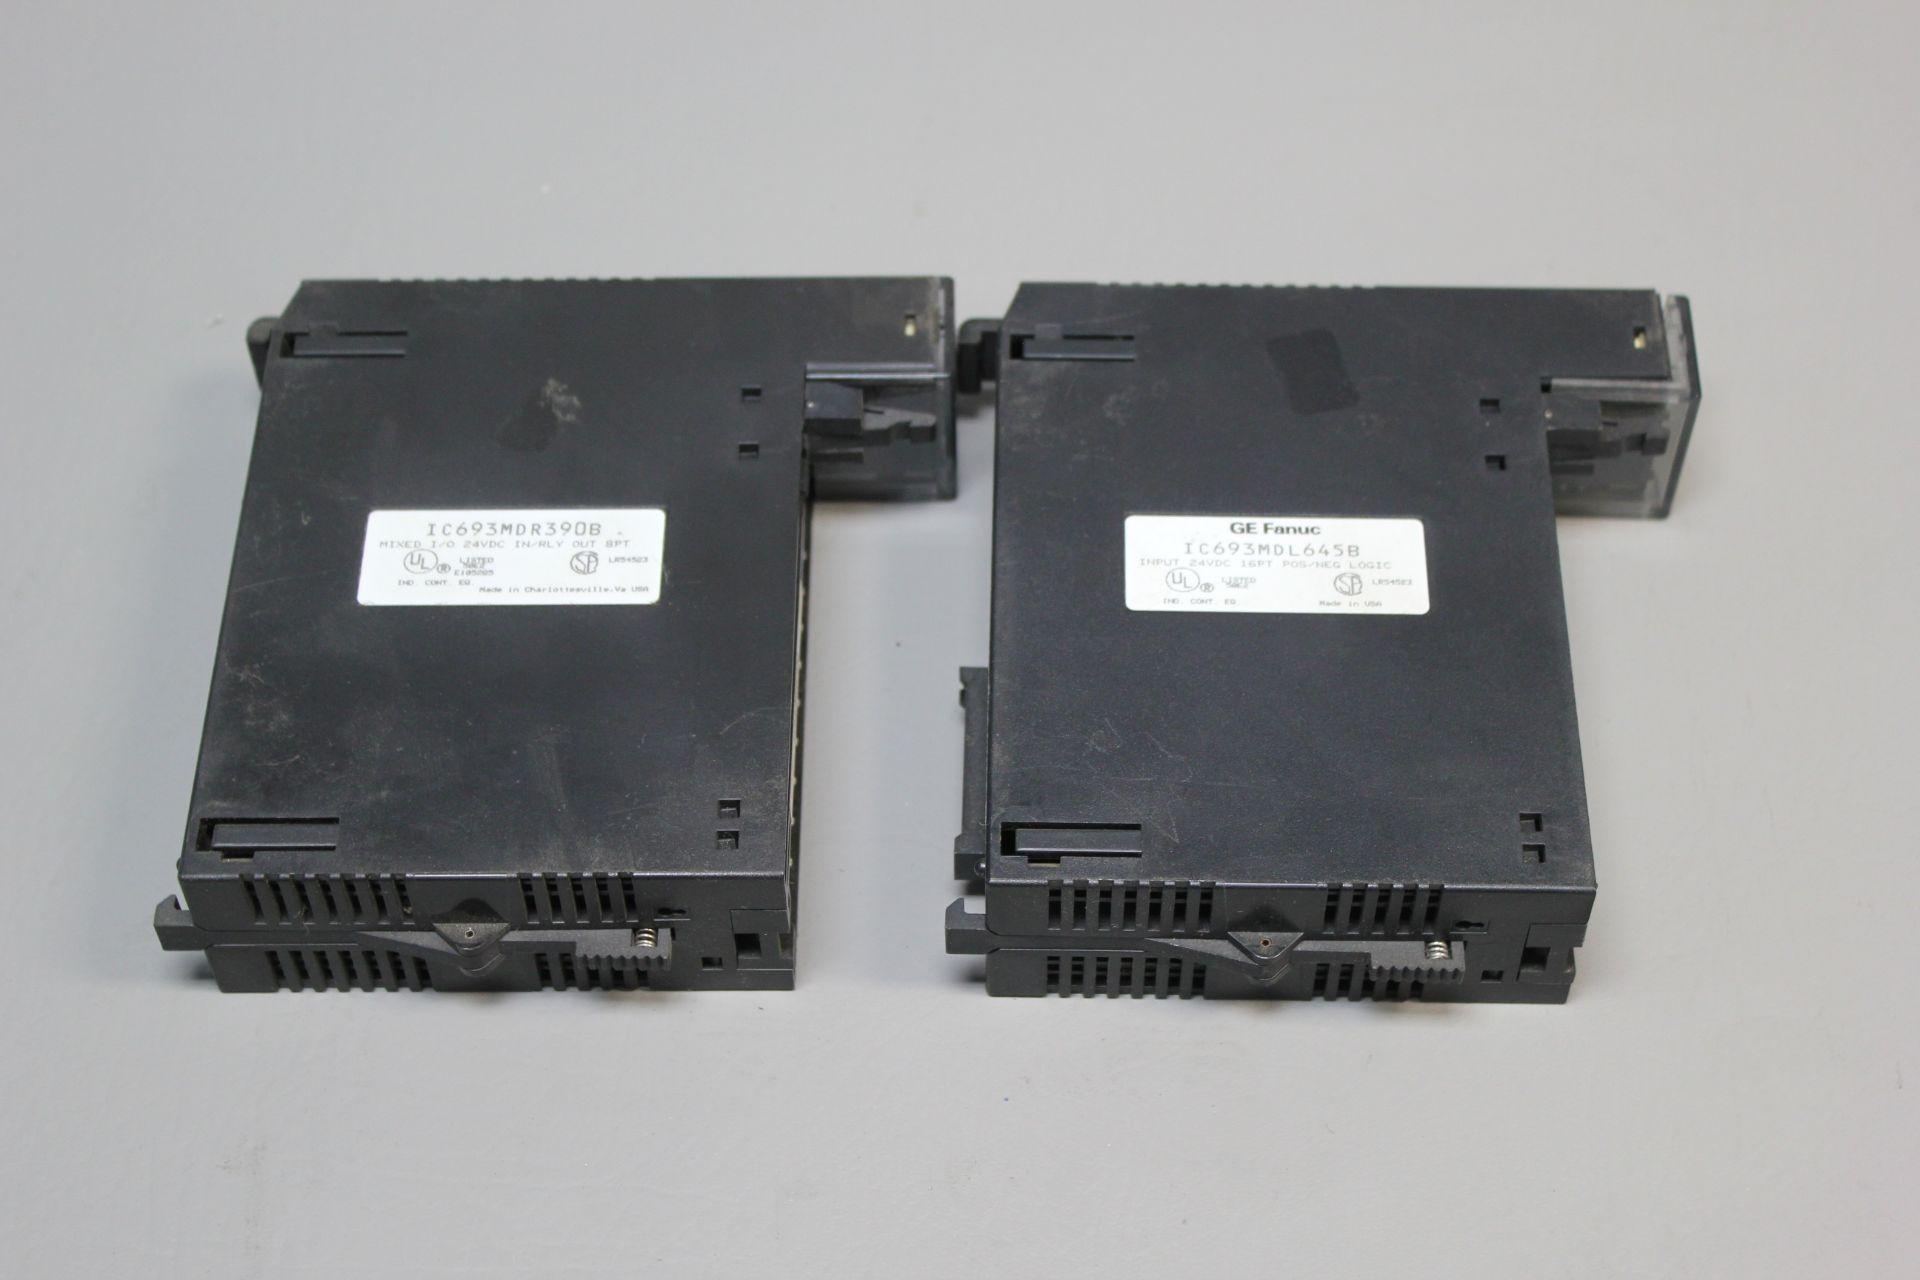 2 GE FANUC PLC MODULES